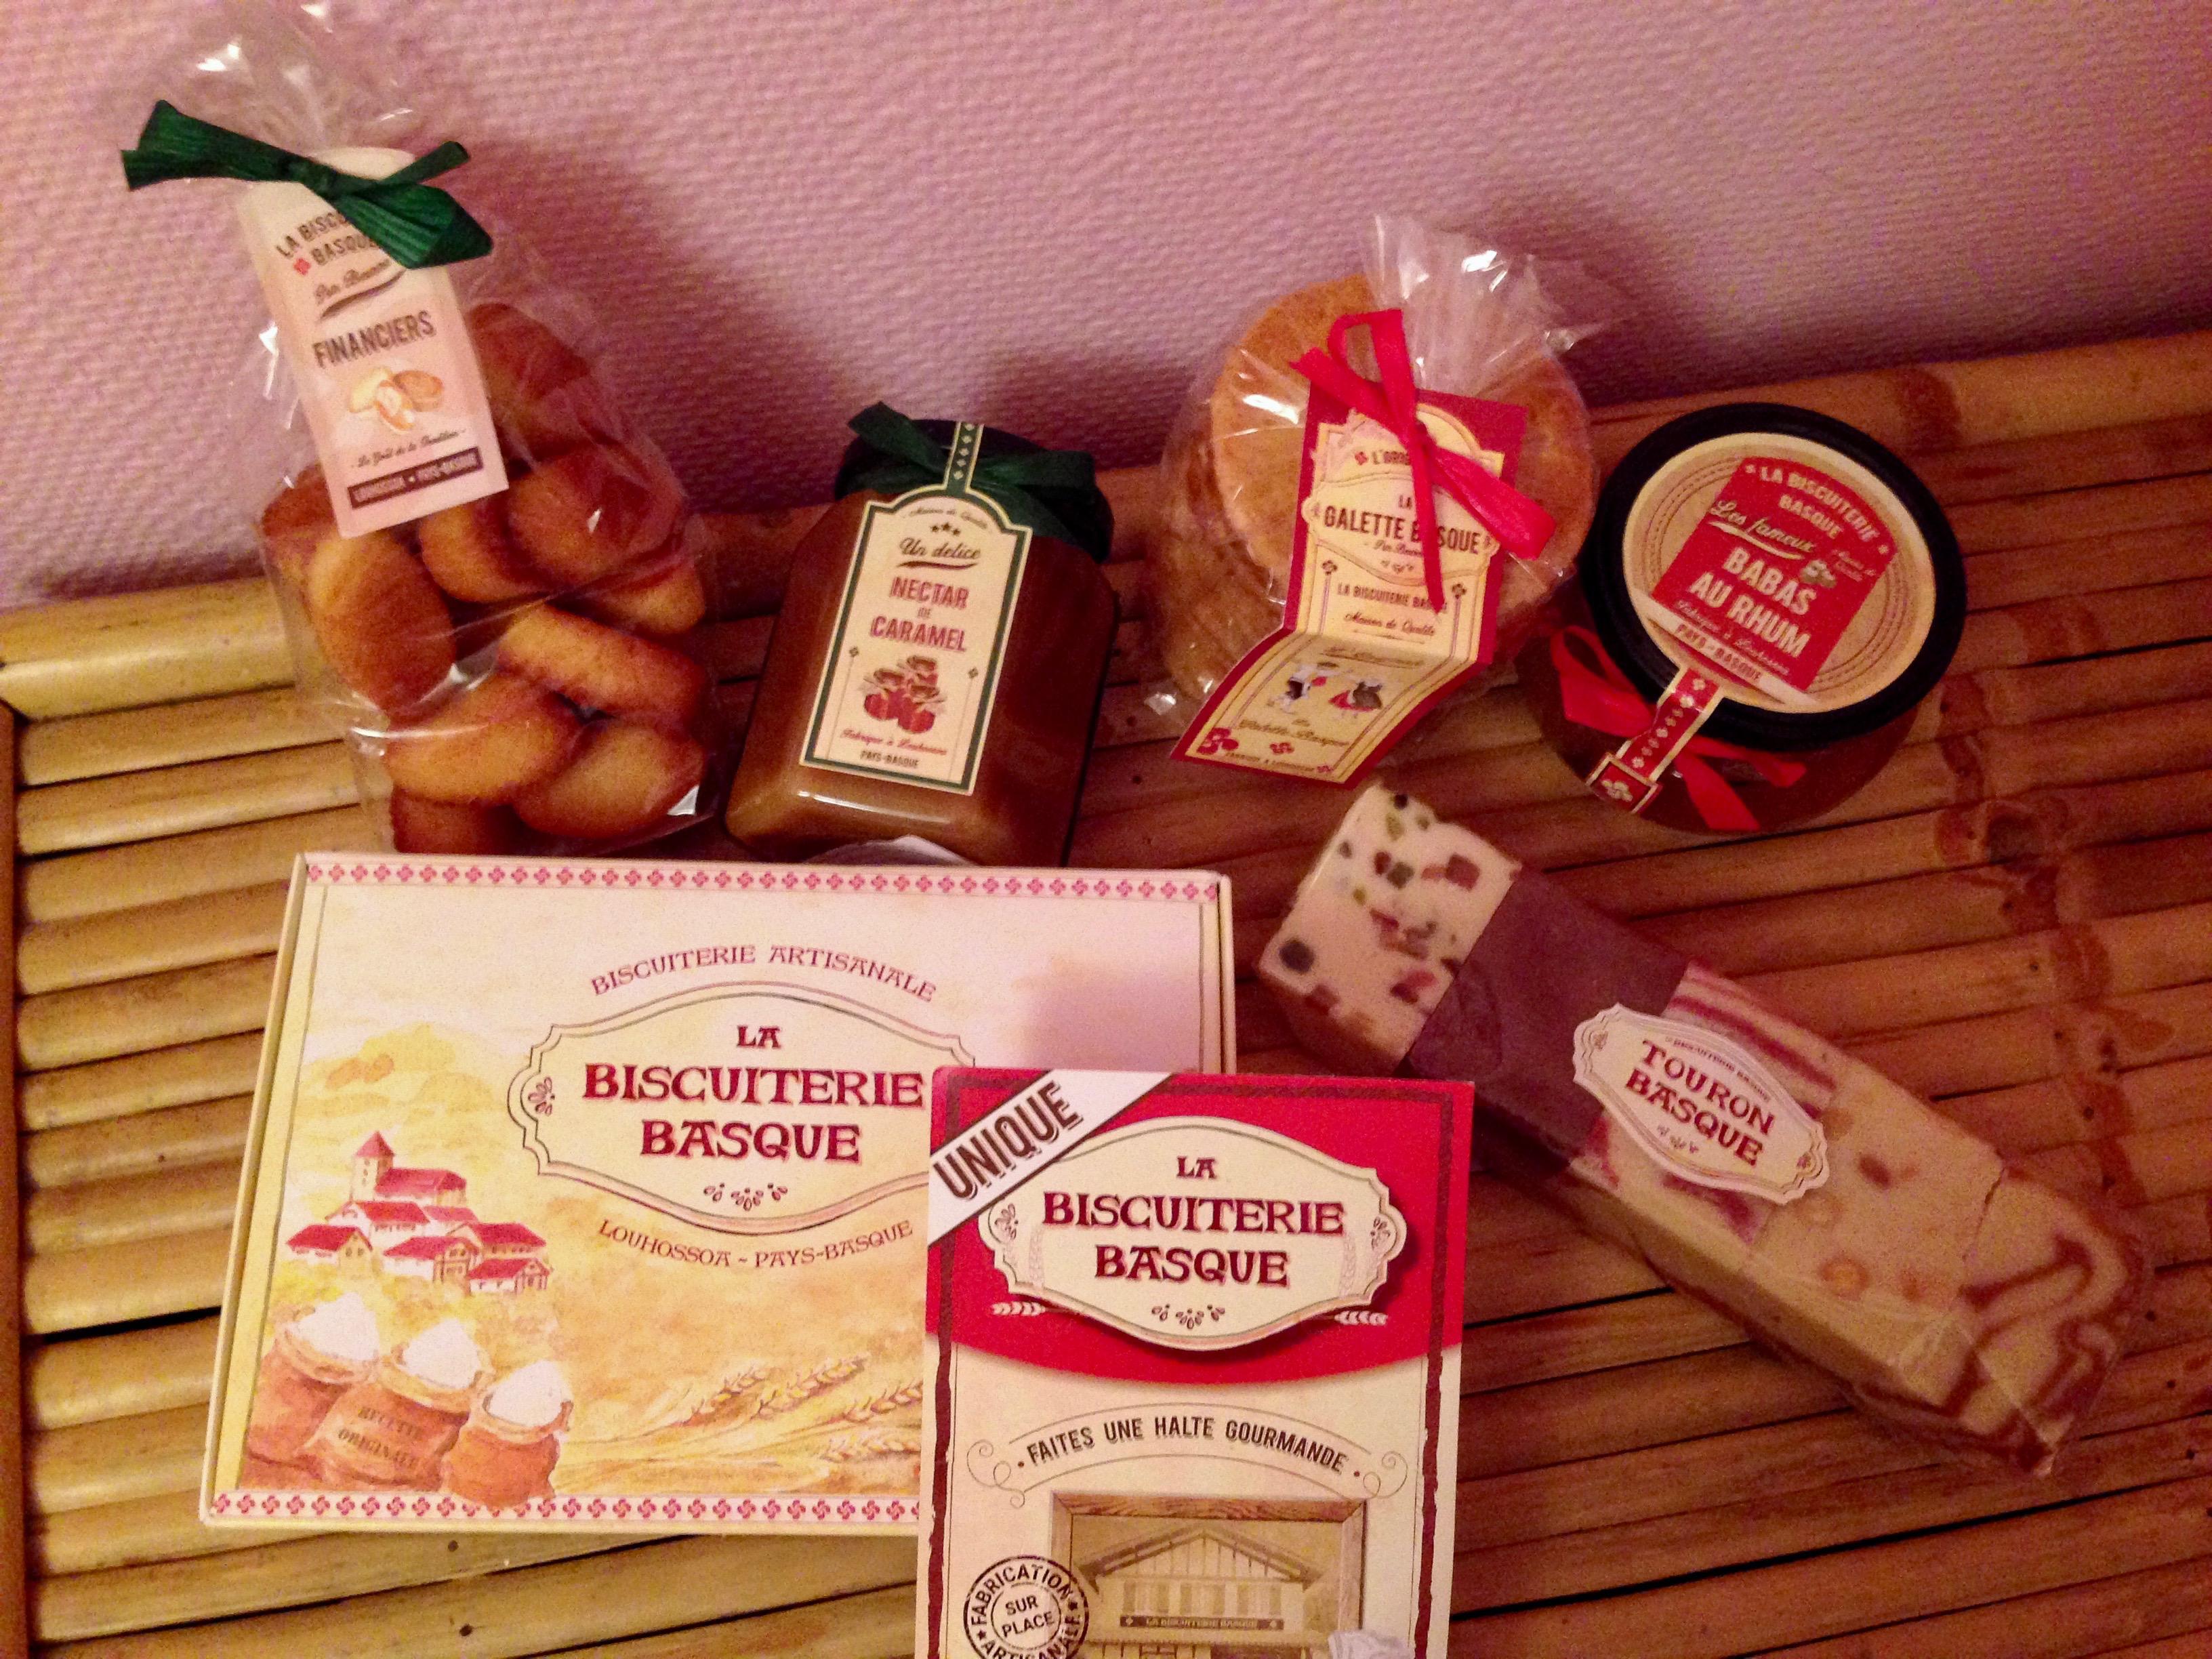 Les spécialités gourmandes basques avec La biscuiterie Basque